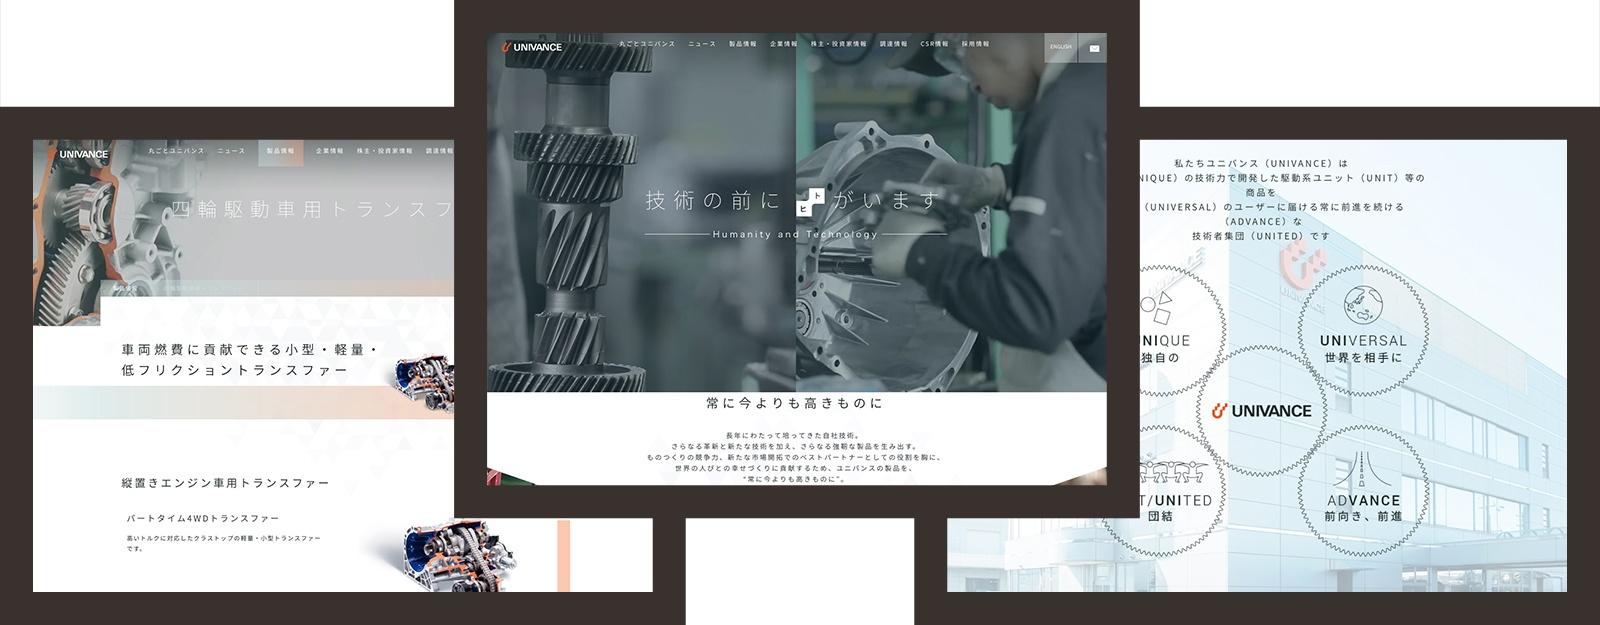 ・ウッドフレンズ様 ・丸菱工業様 ・中京重機様 ・ユニバンス様 ・NGK様(要相談)のロゴ